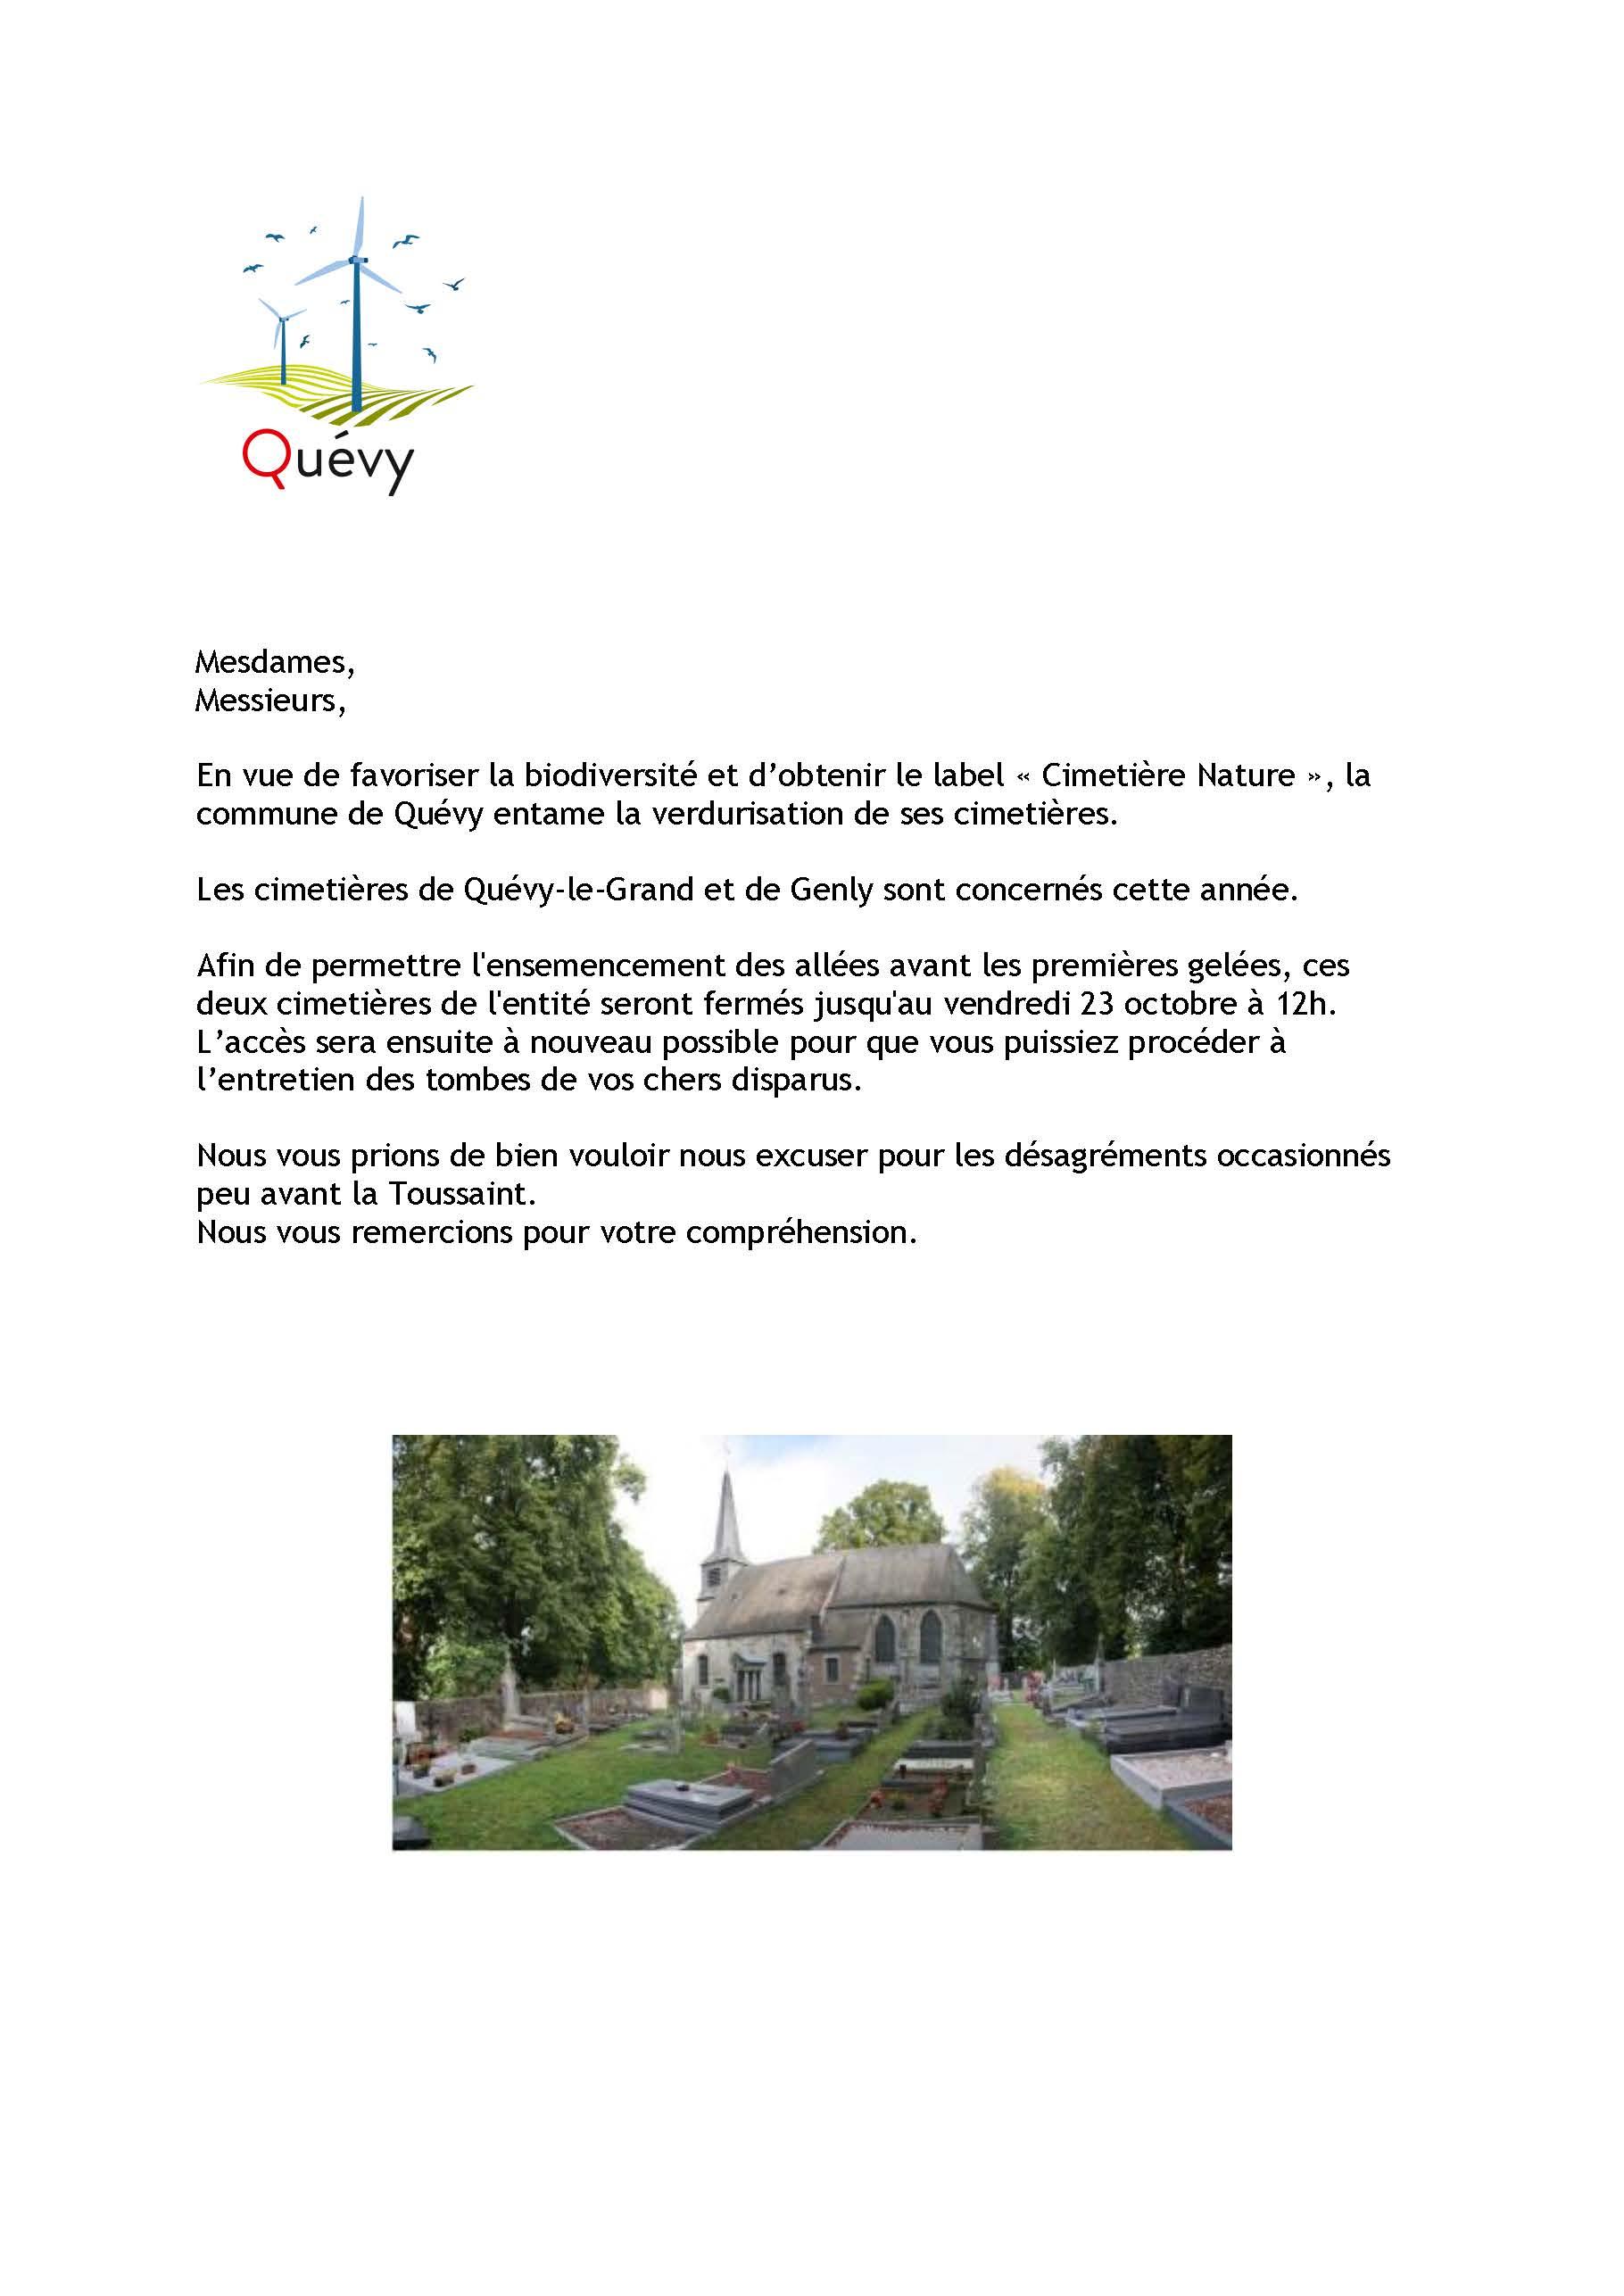 verdurisation cimetières - communication à afficher.jpg